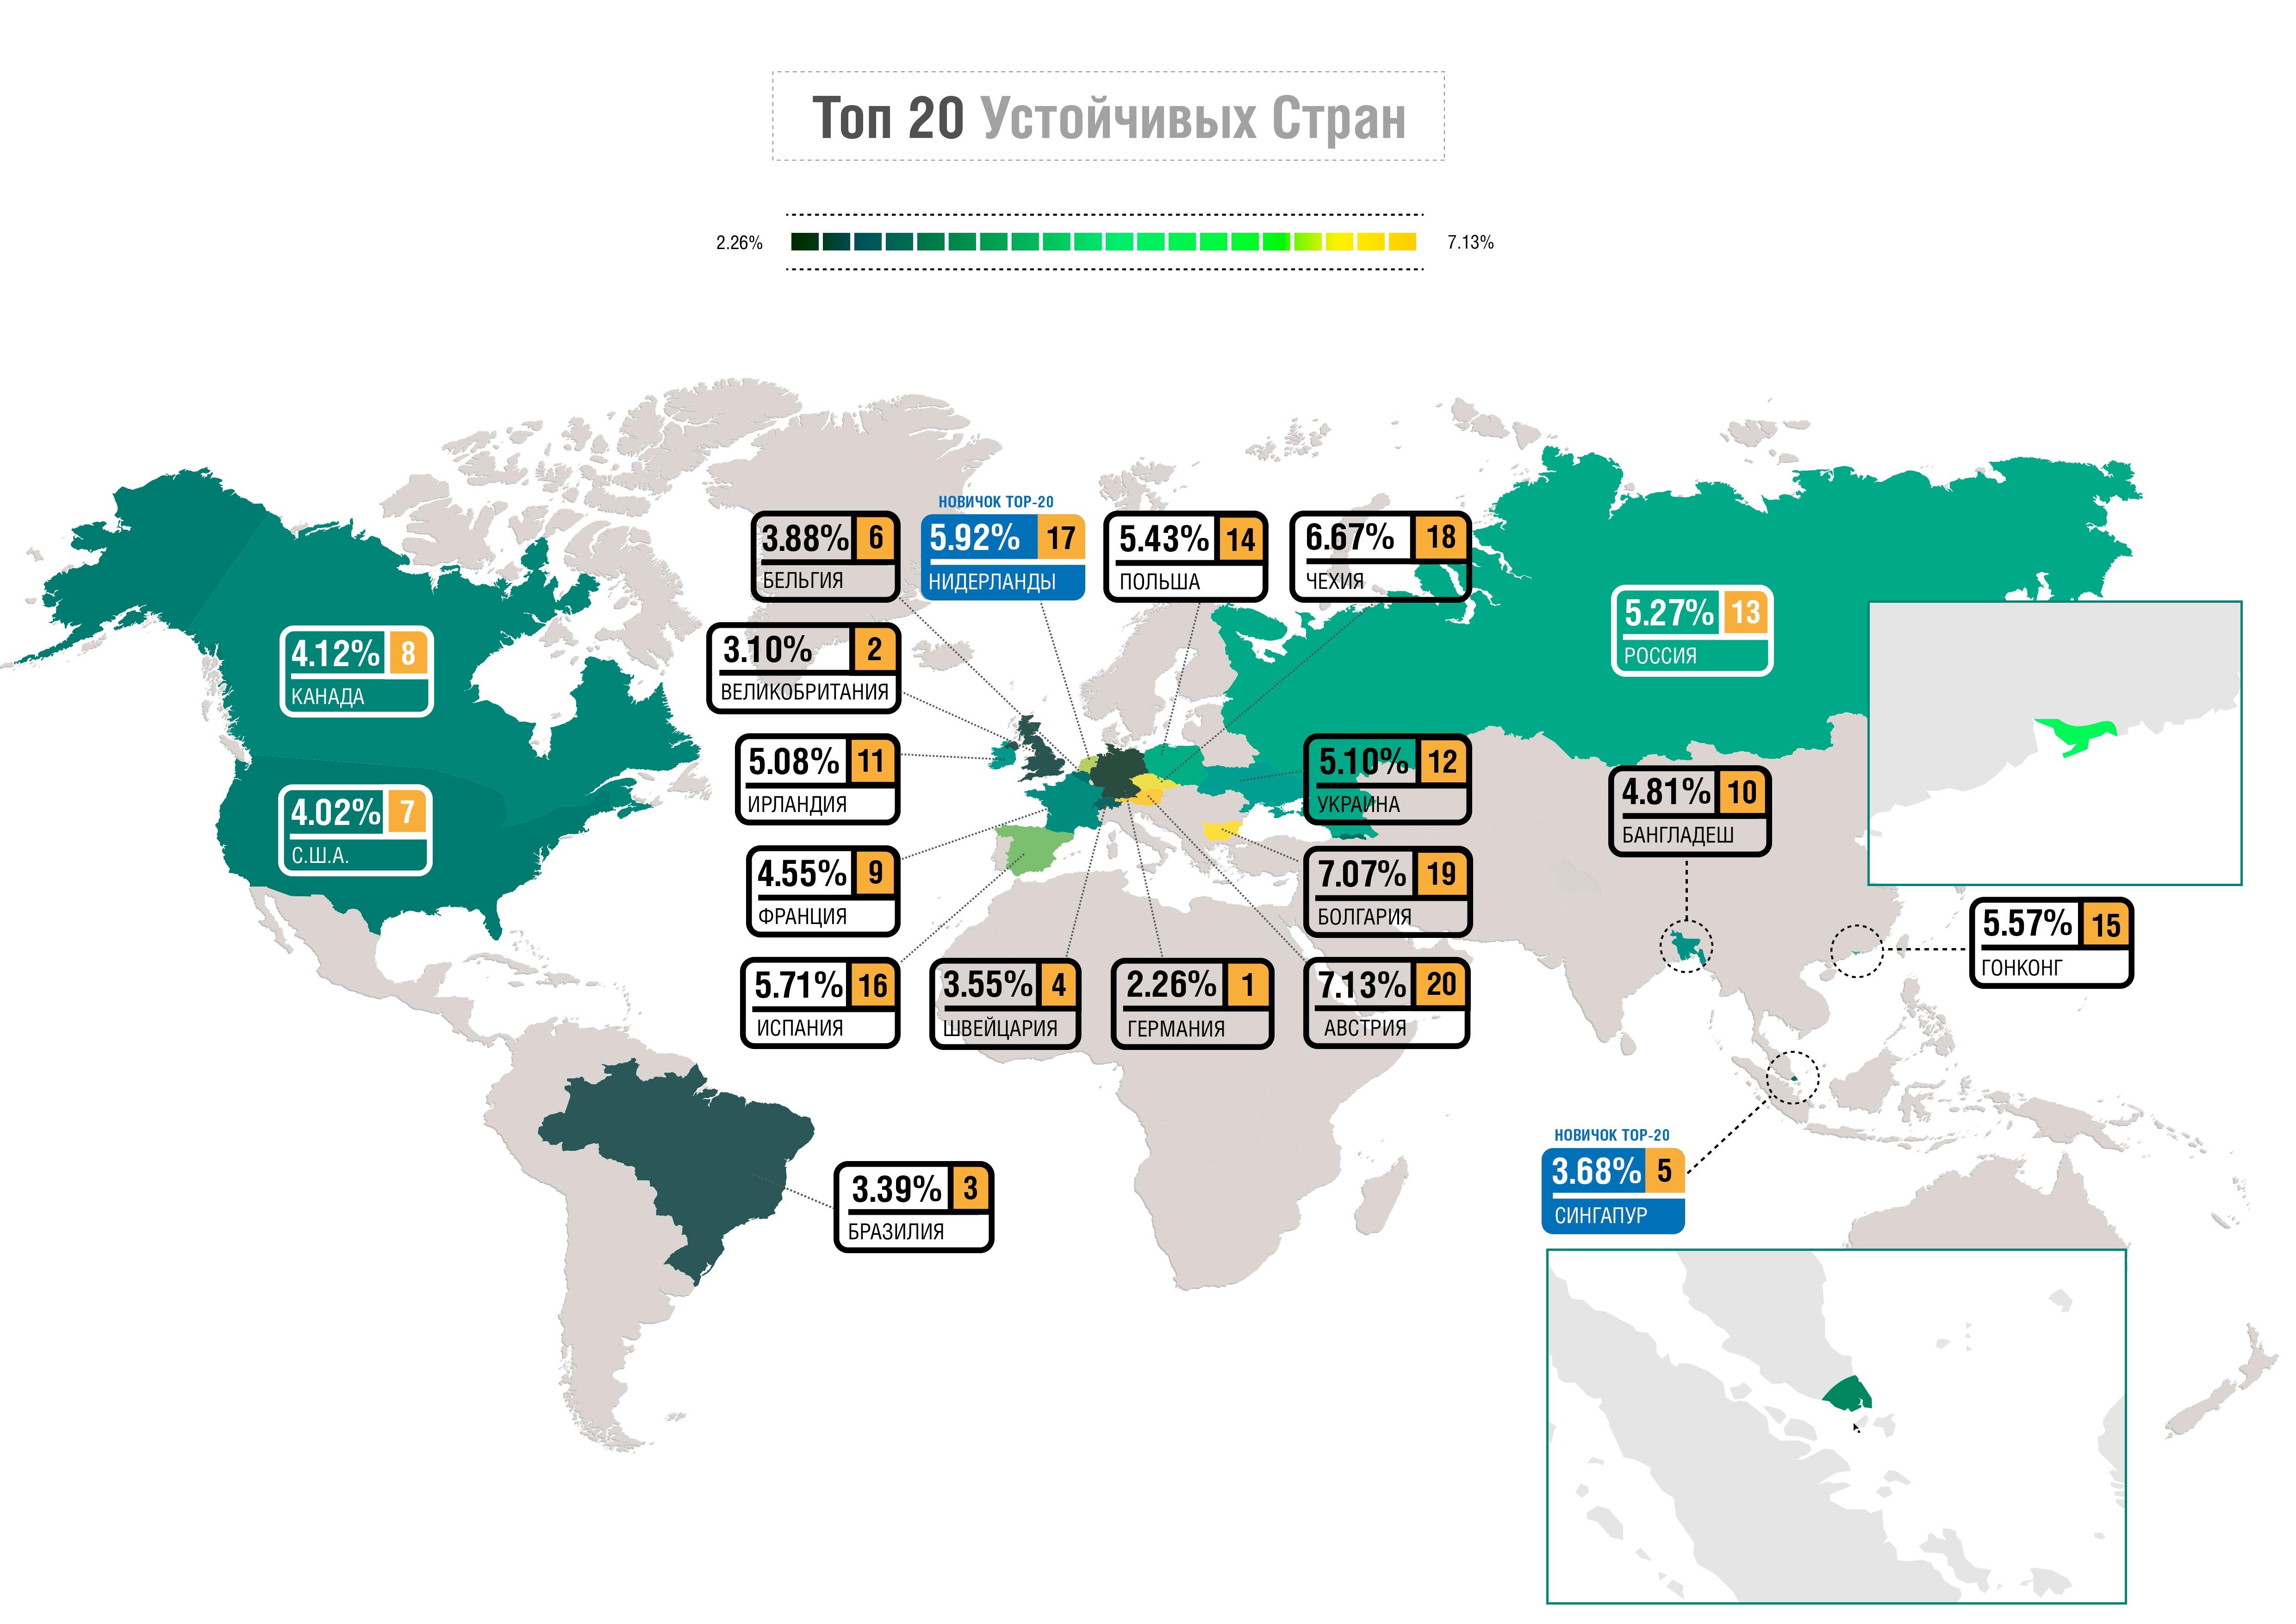 Представлен отчет об устойчивости национальных сегментов Интернета за 2018 год